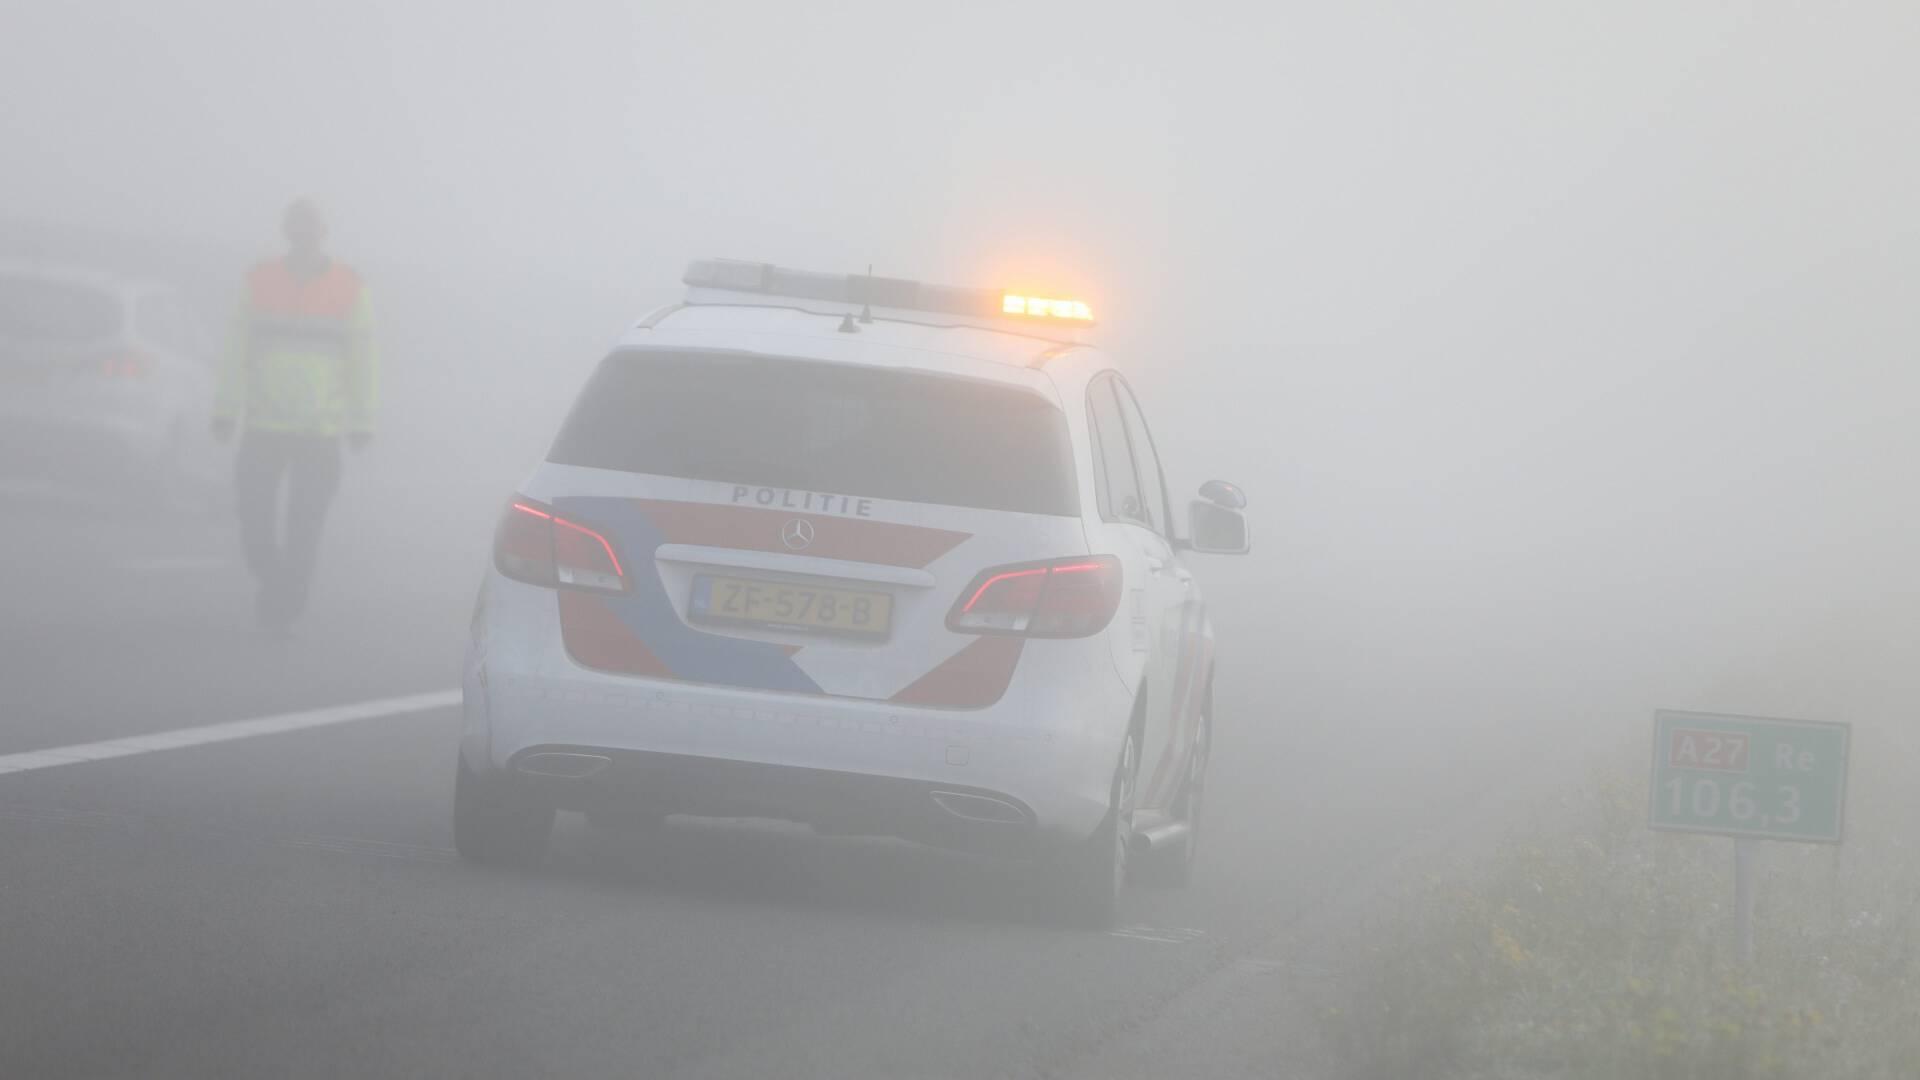 KNMI تحذر من ضباب كثيف للغاية في معظم المقاطعات الهولندية